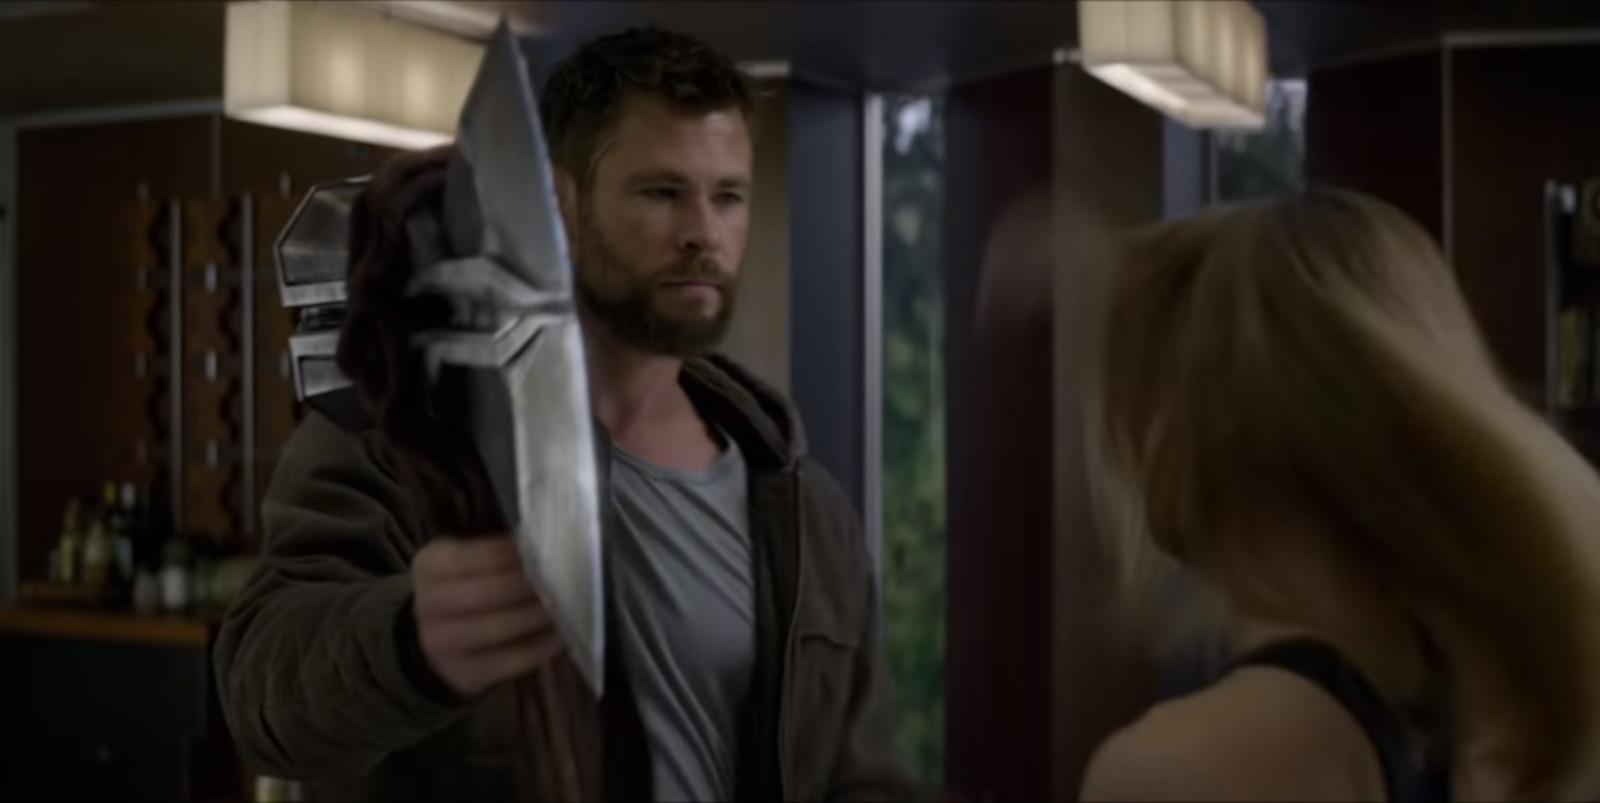 Avengers: Endgame Trailer #3 Breakdown & Story Reveals